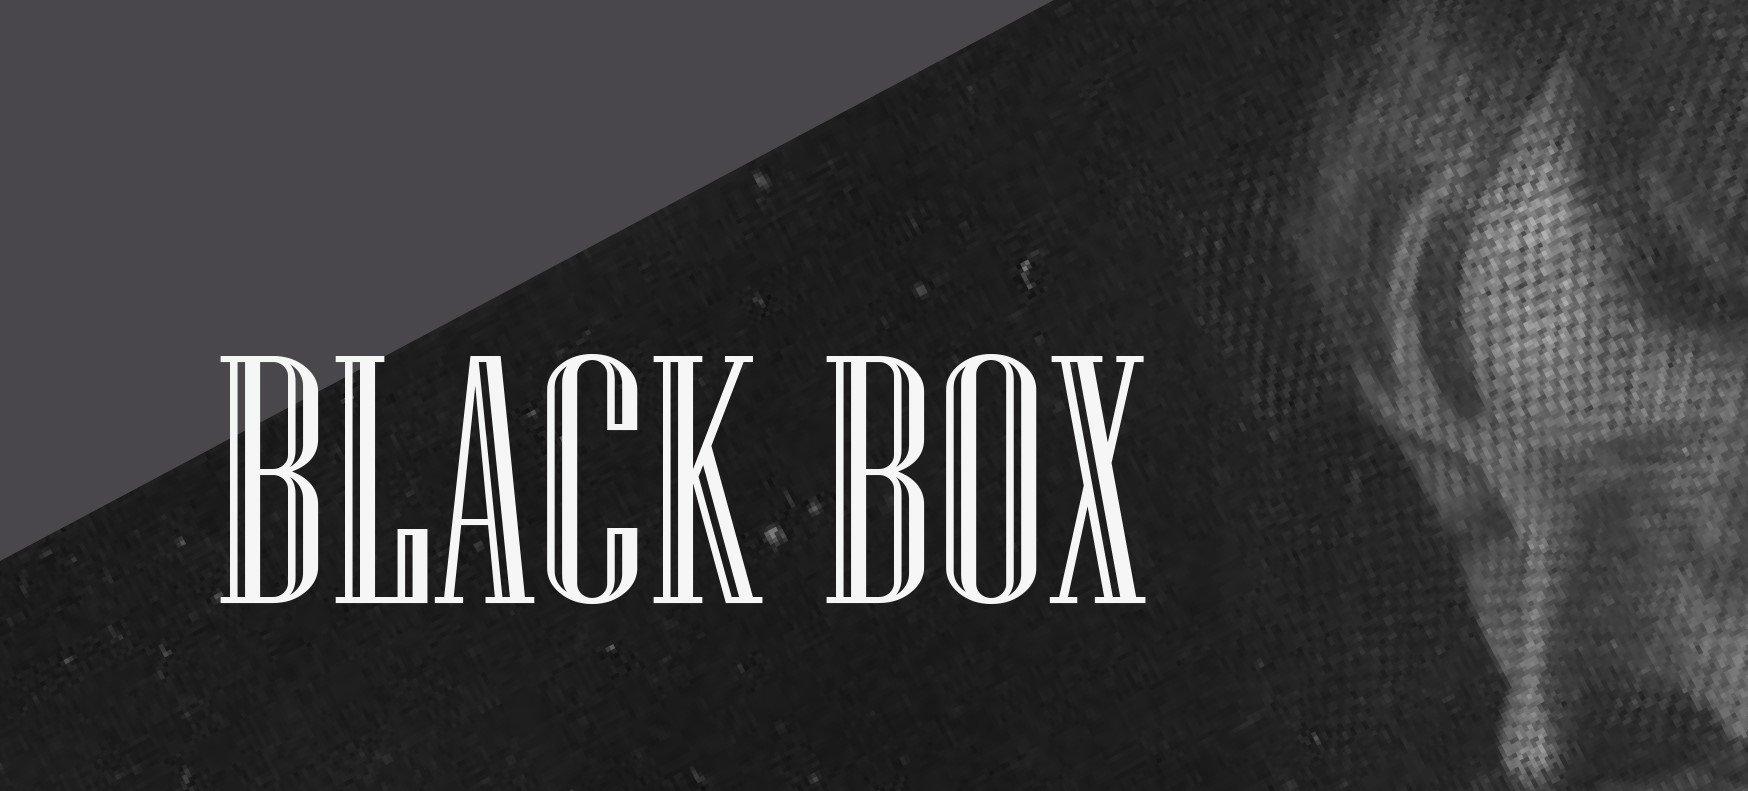 Black Box - Gruppenausstellung zeitgenössischer Kunst